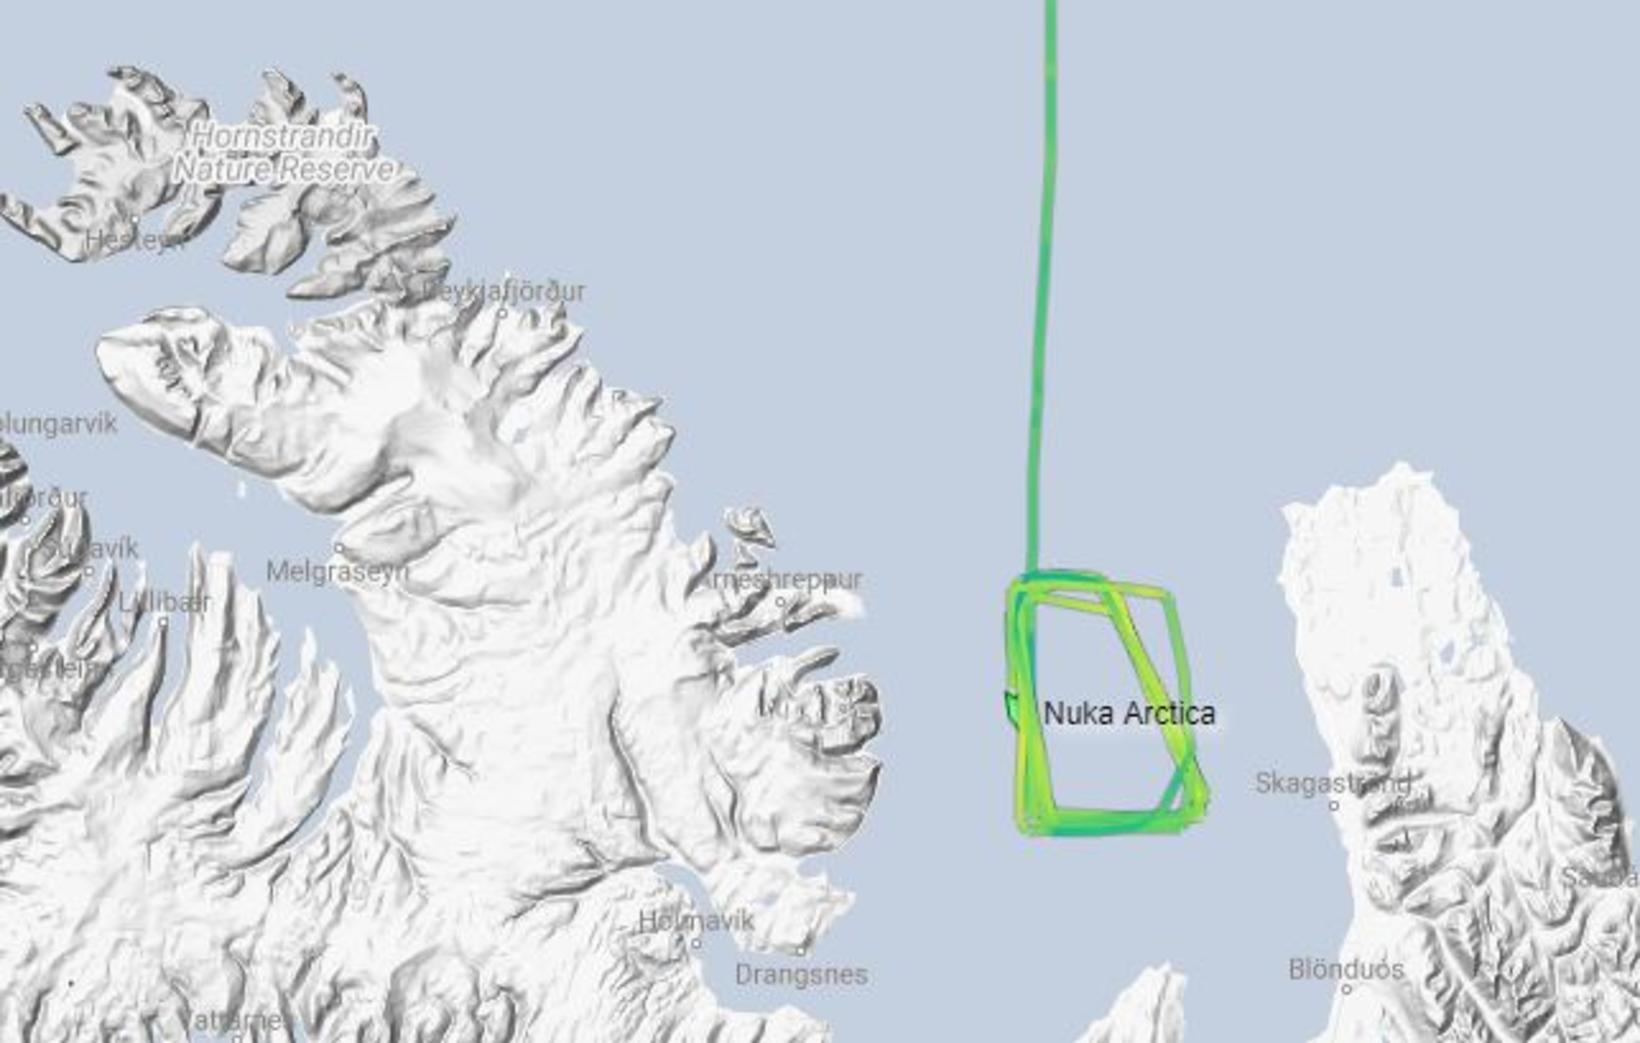 Nuka Arctica hefur hringsólað á Húnaflóa frá í nótt.